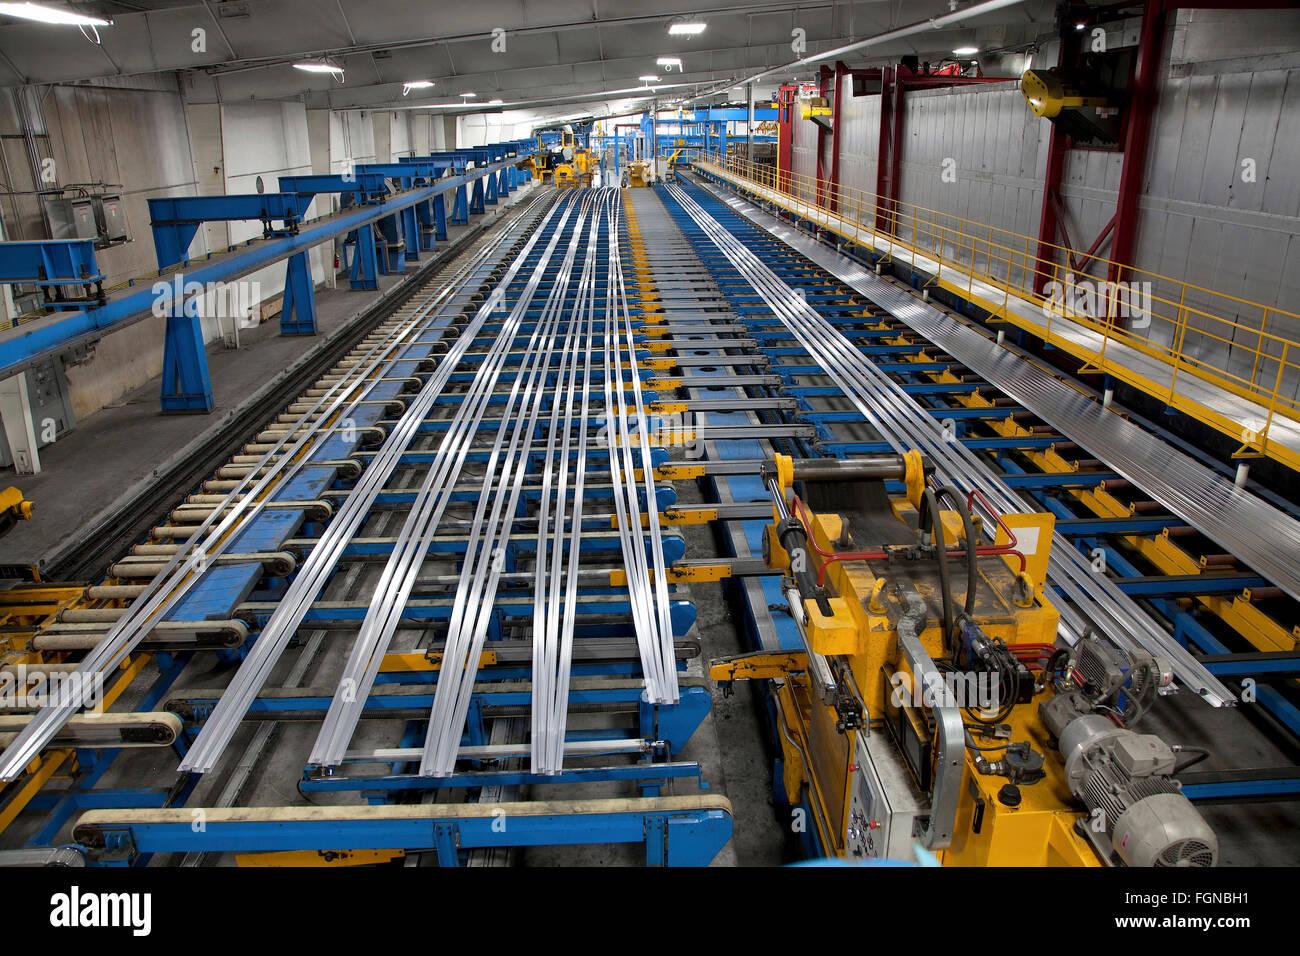 Aluminum extrusion manufacturing line Stock Photo: 96356429